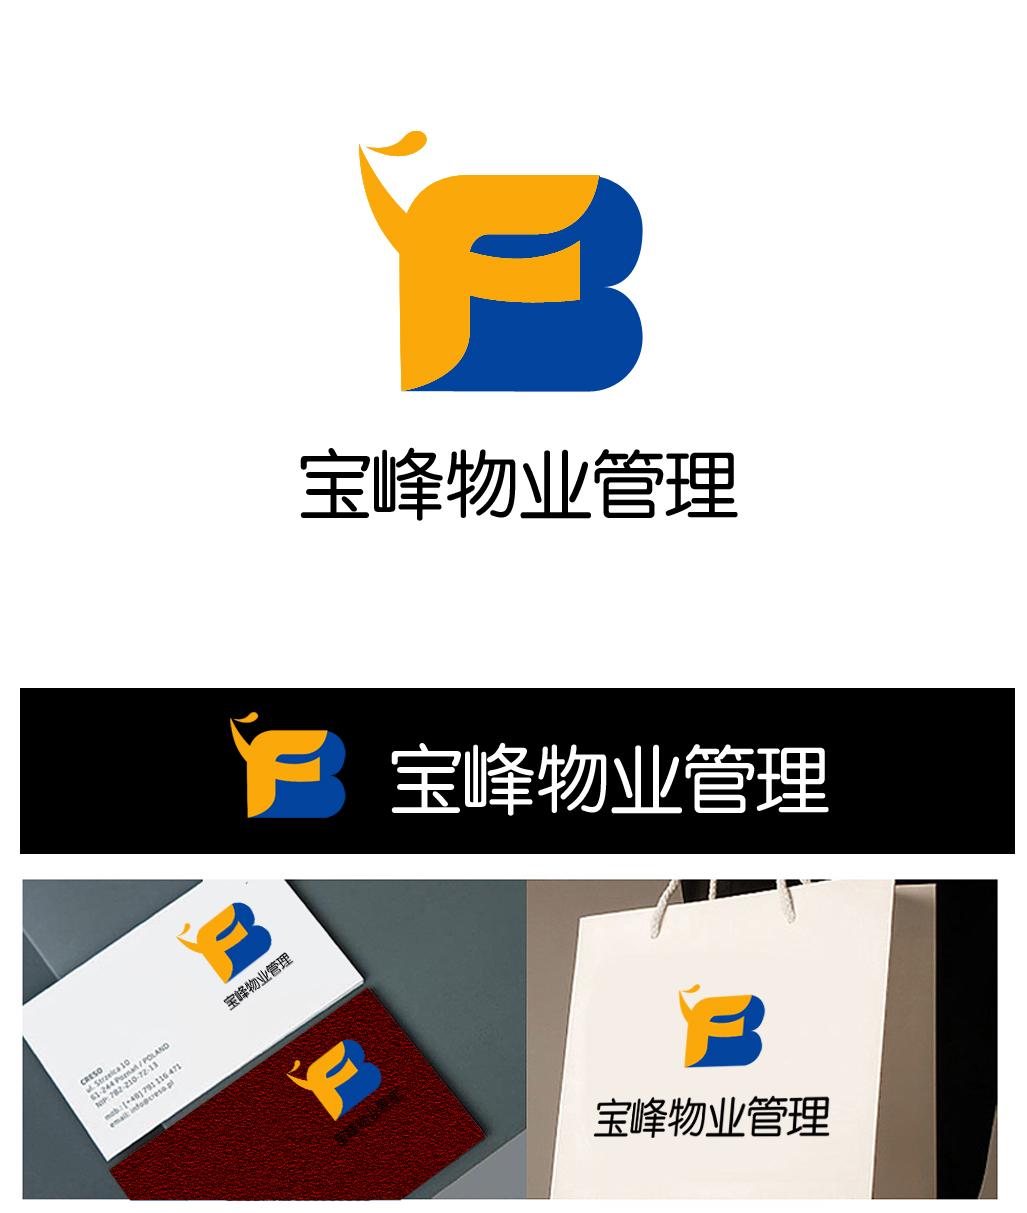 物业管理公司logo设计图片